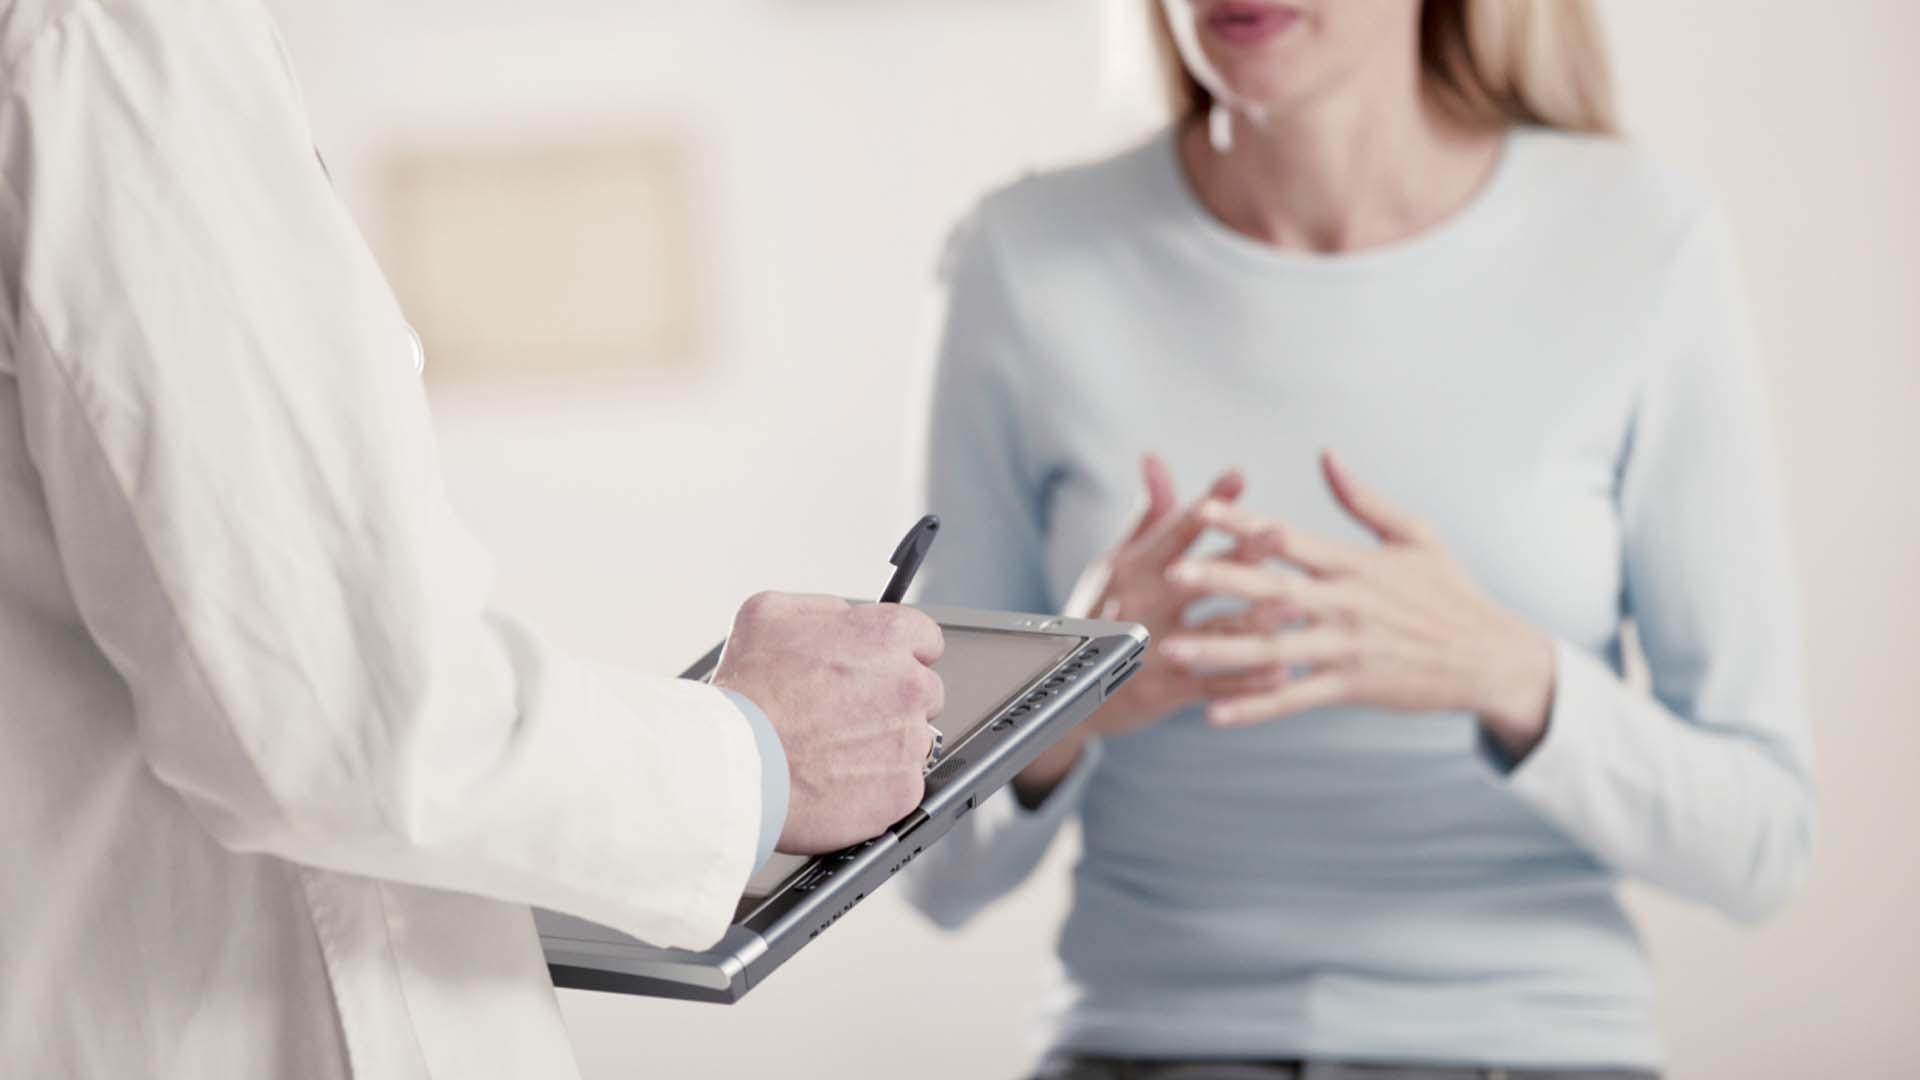 Cisto no ovário impede gravidez?